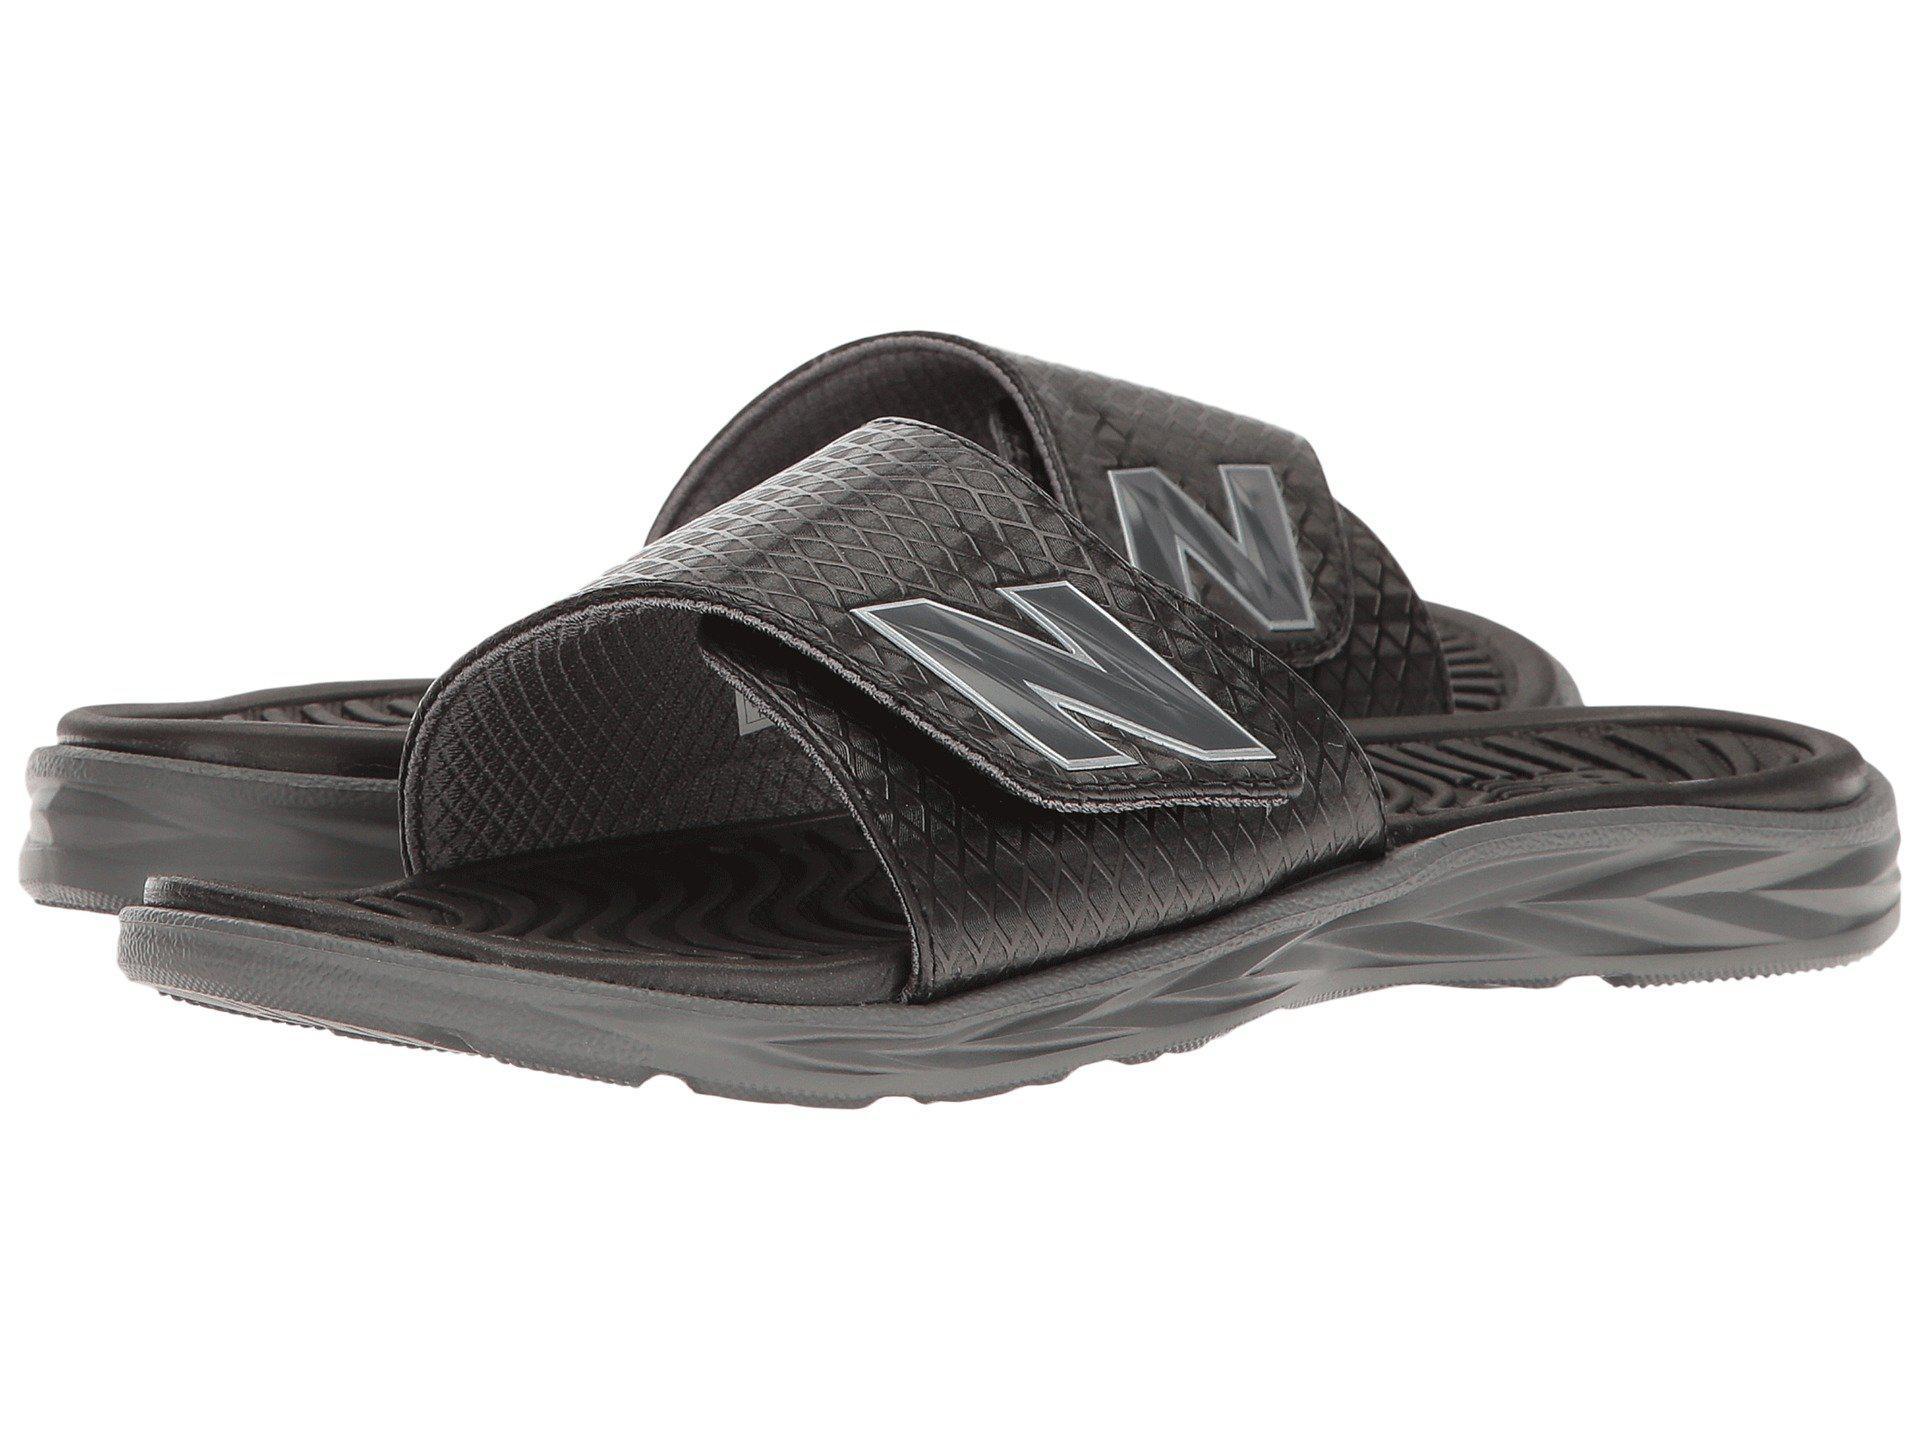 1d4cb87cb8b0 Lyst - New Balance Response Slide (white) Men s Slide Shoes in Gray ...